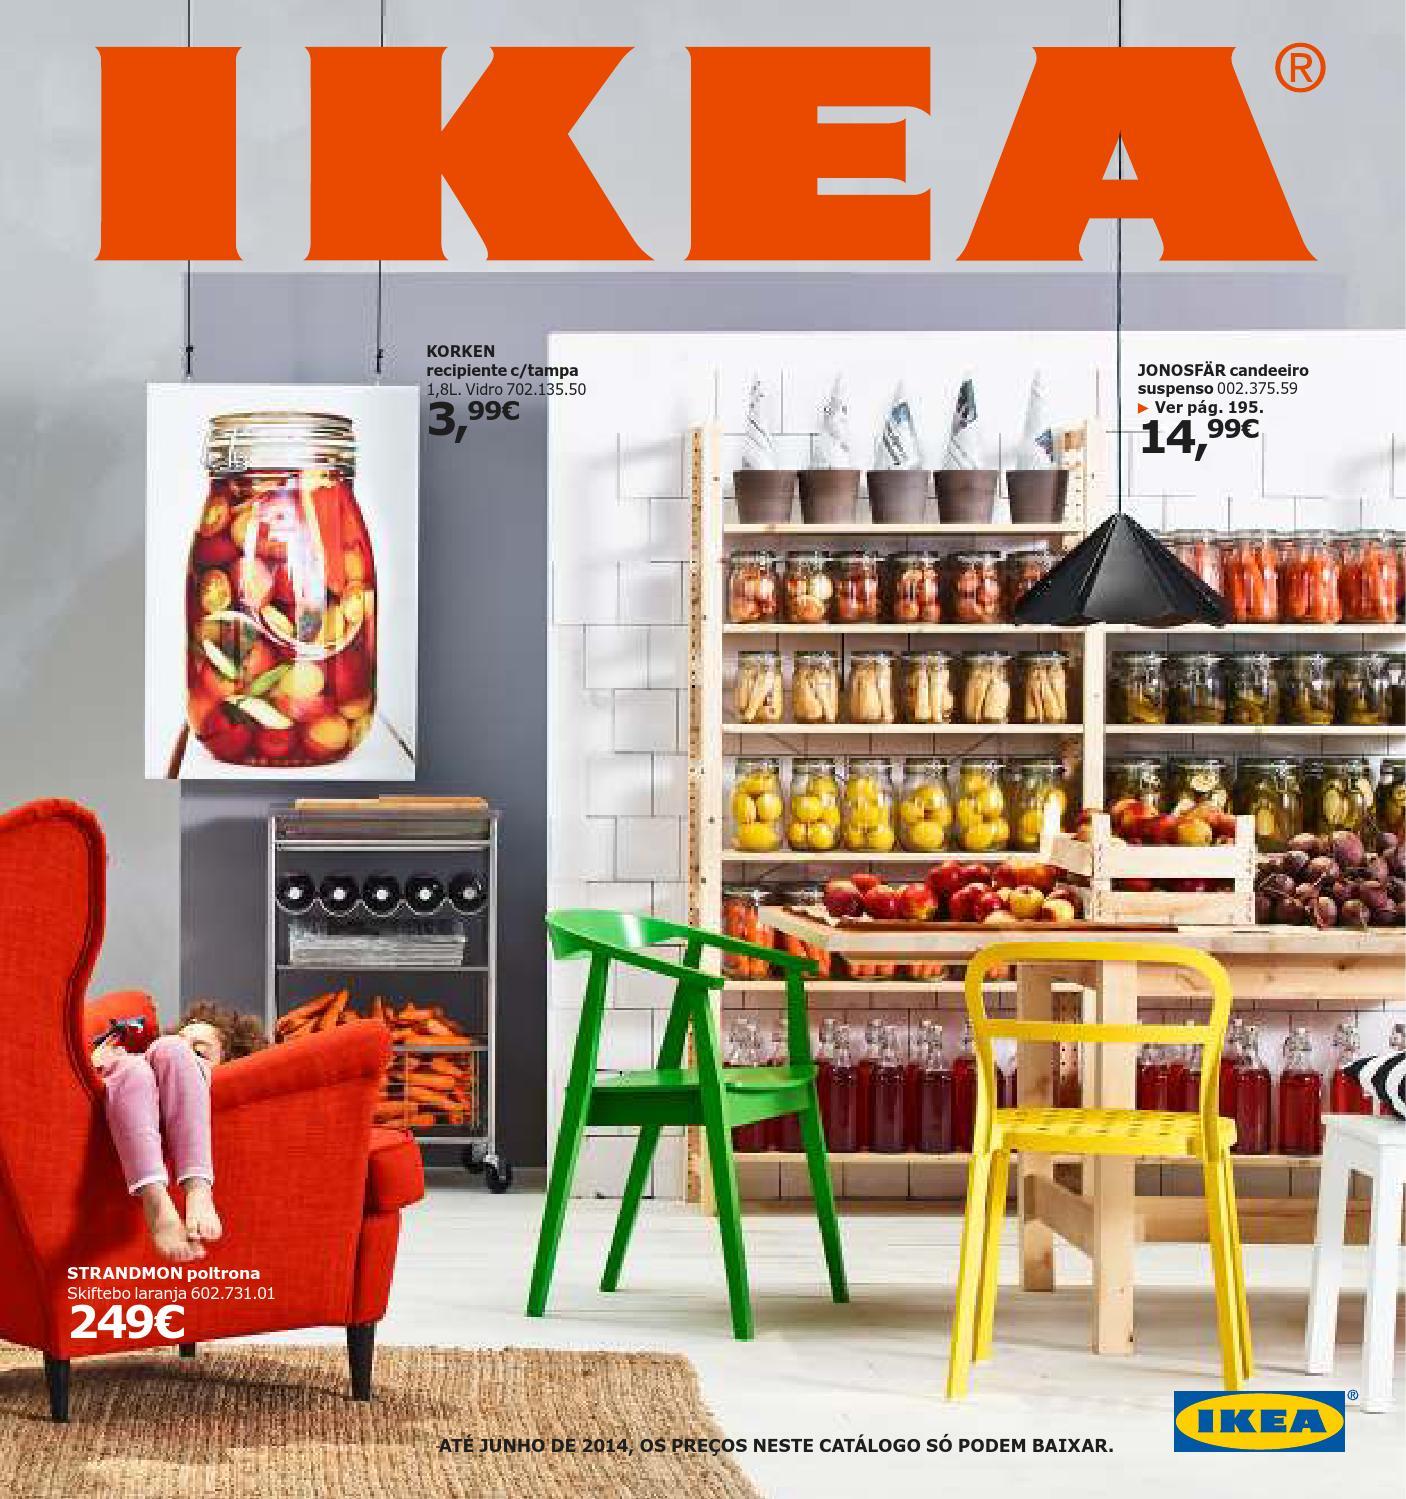 Catálogo Ikea 2014 Portugal by Mac Duffy  issuu